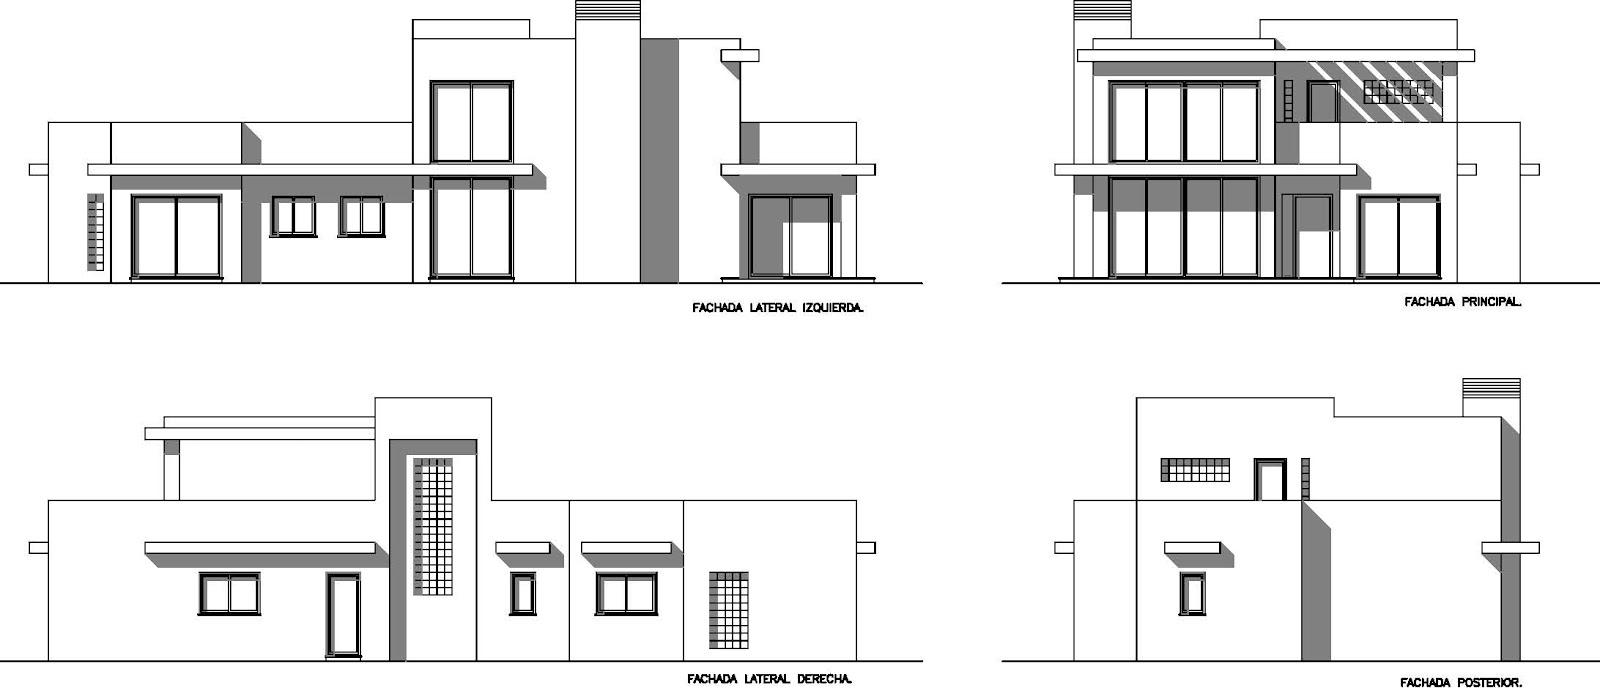 Casa de este alojamiento diseno de viviendas unifamiliares pdf fachadas - Diseno de viviendas ...